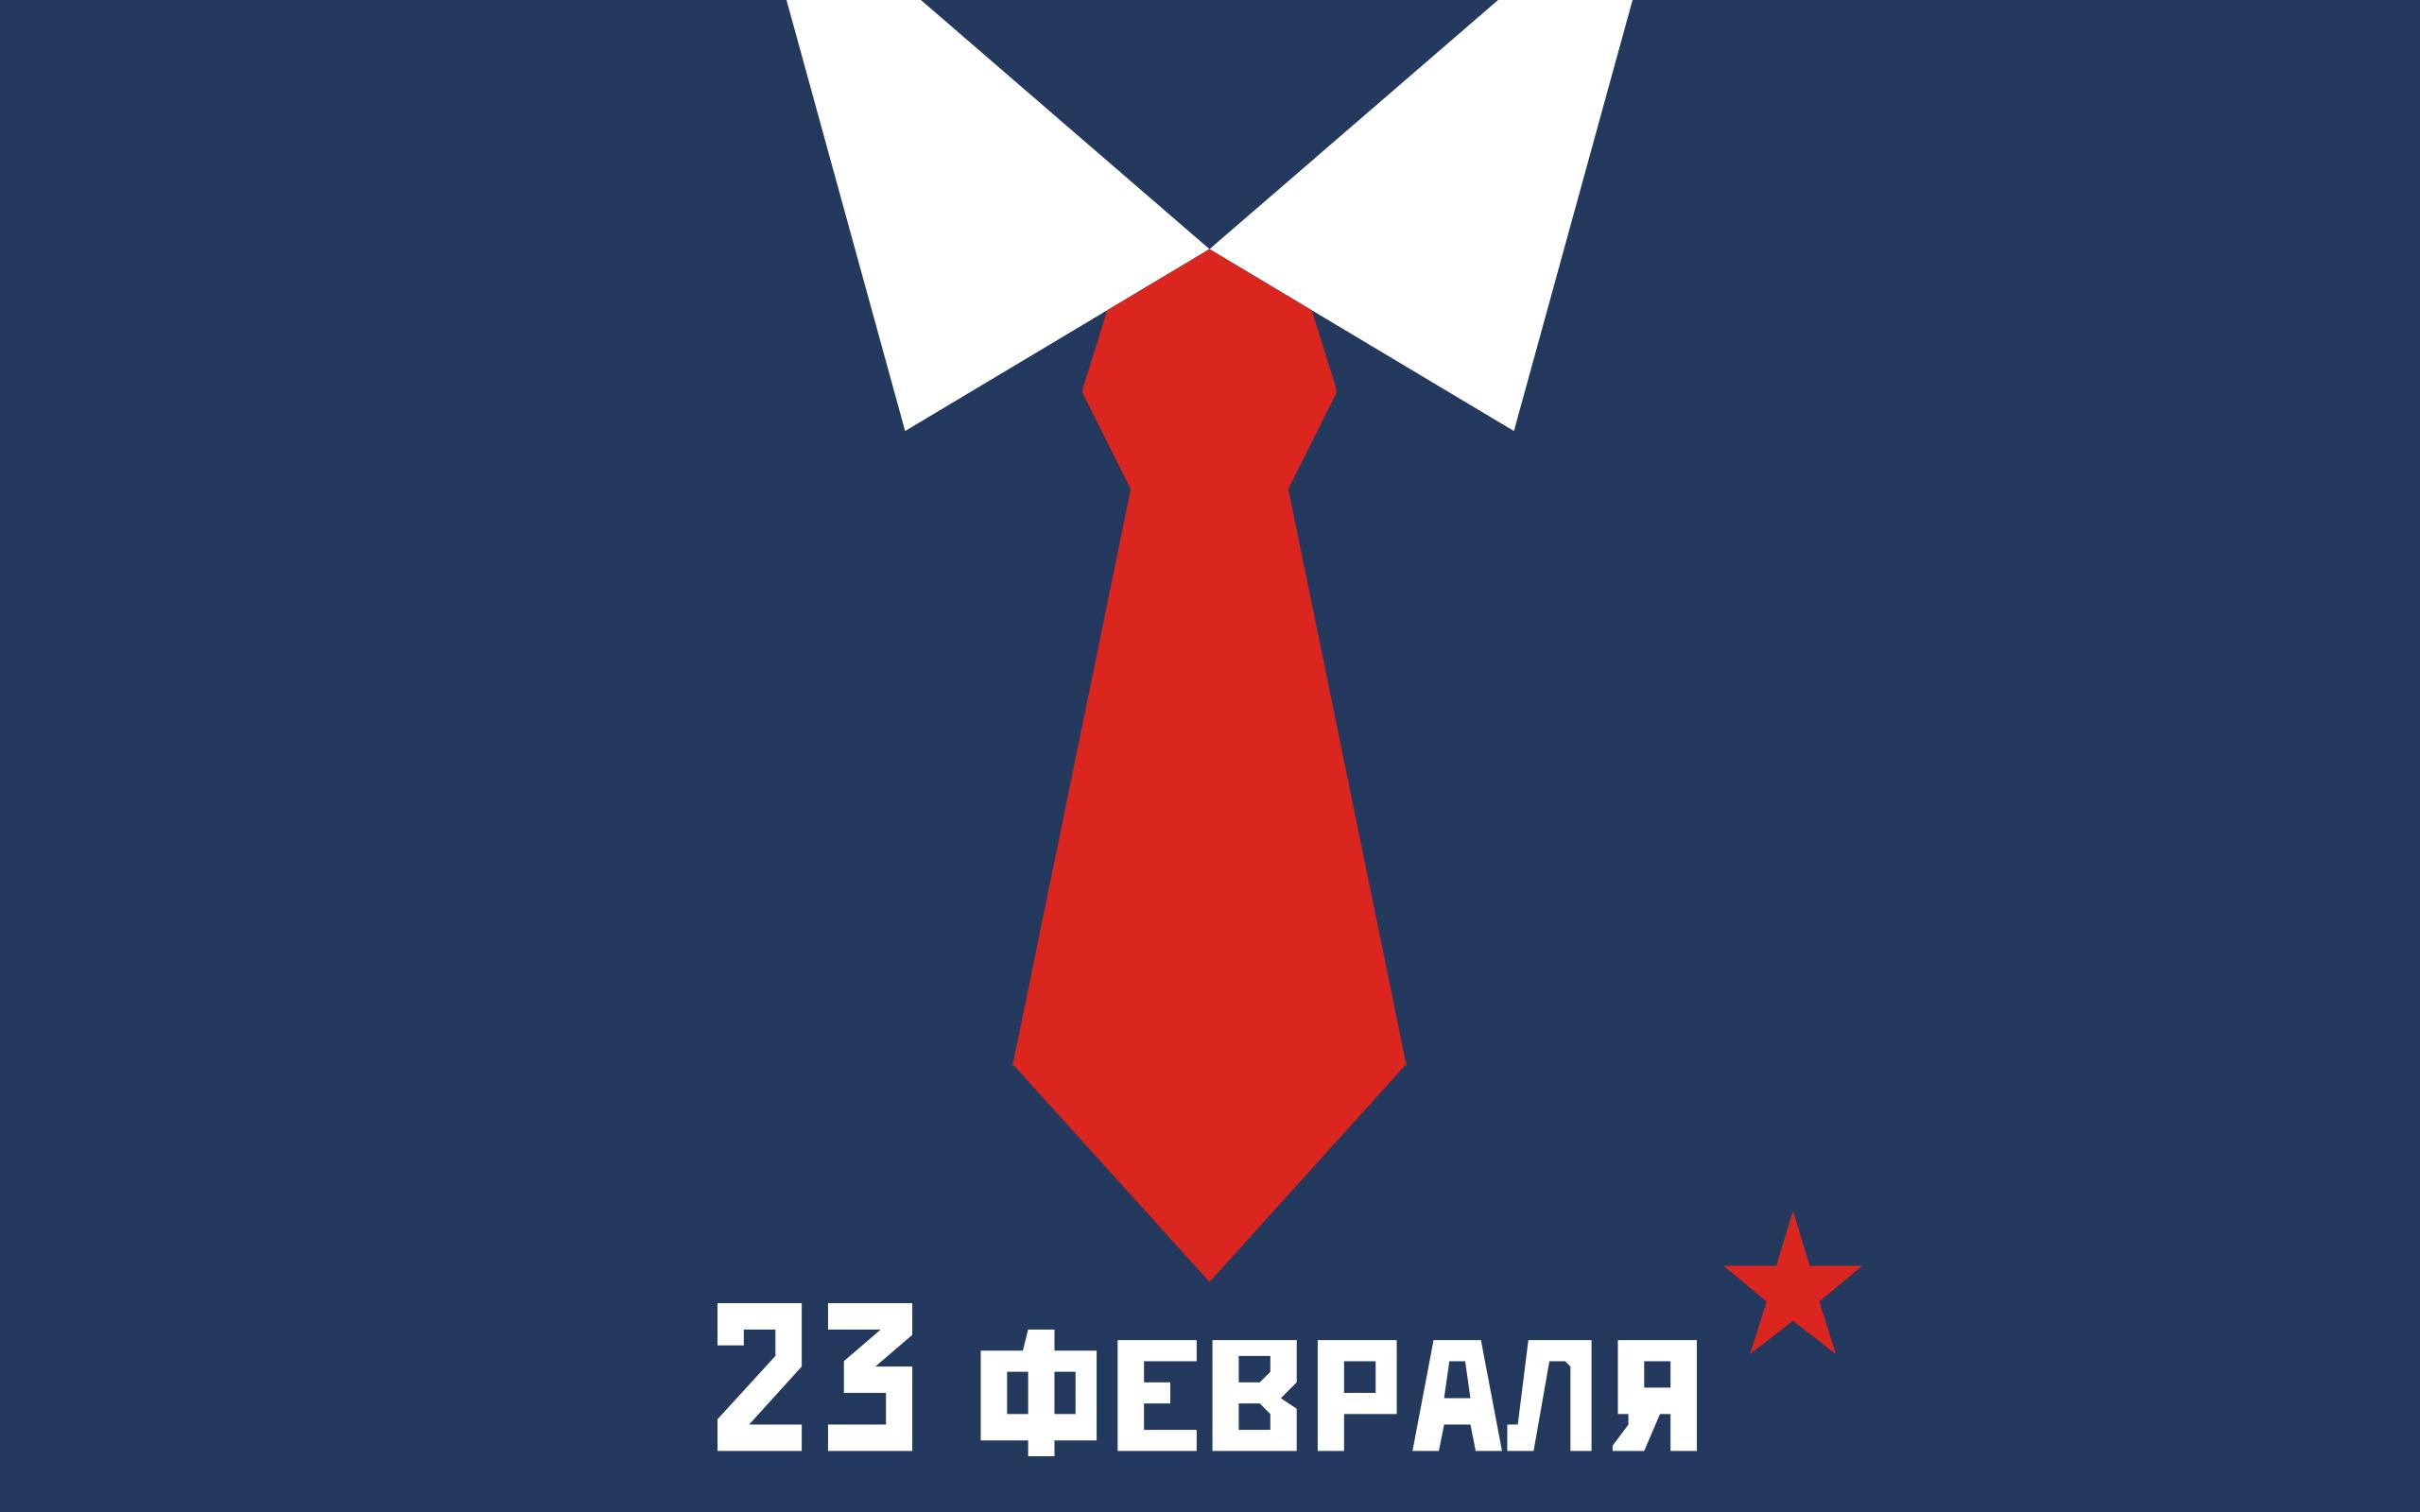 23 февраля современные открытки